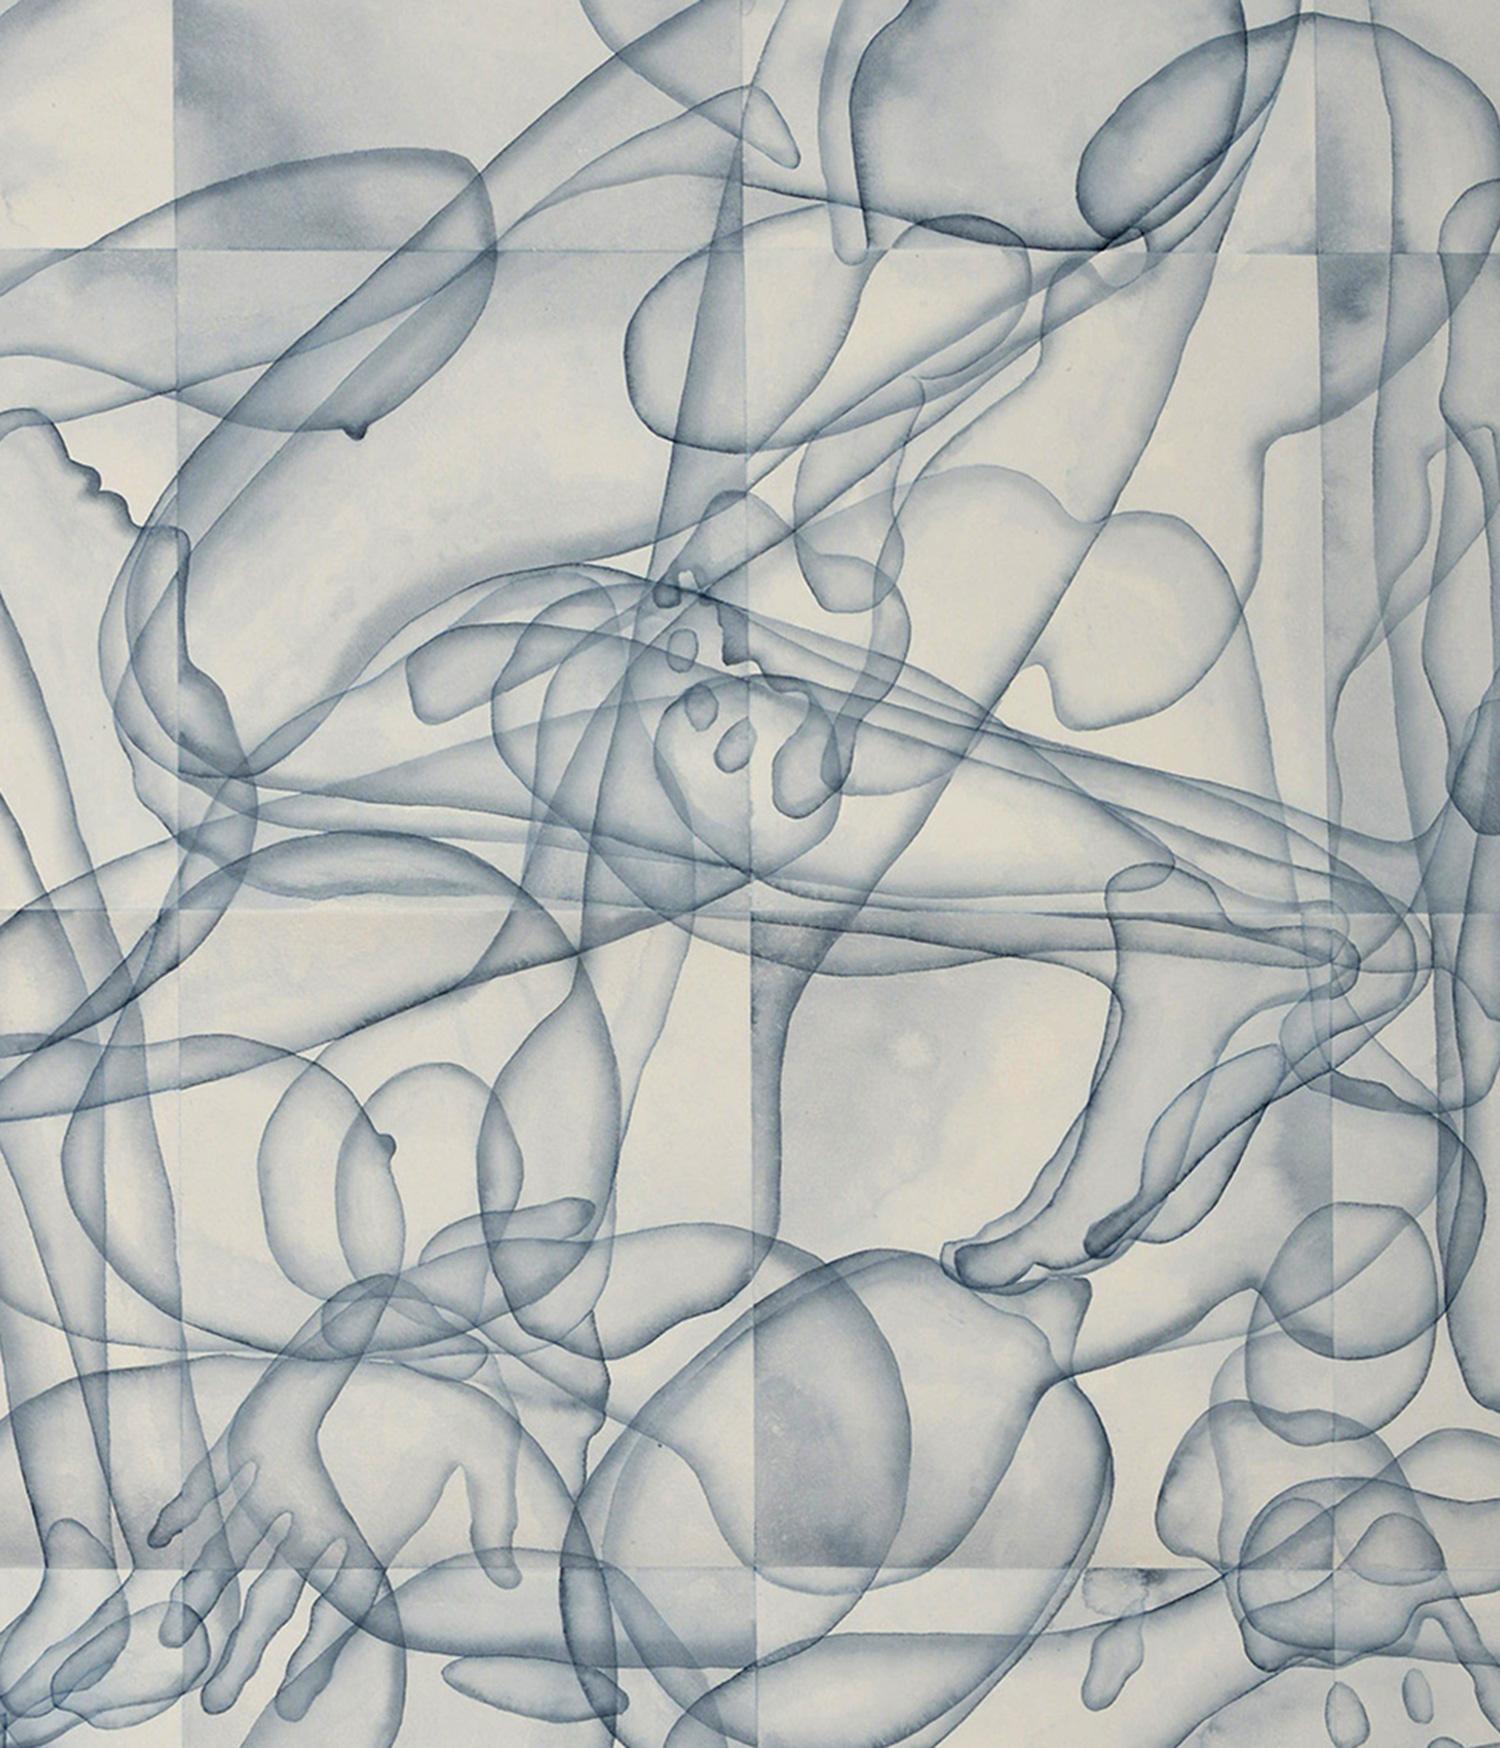 Stefano Bolzano, Eterogenesi e metamorfosi 01, acquerello su carta applicato su due pannelli, 110,5x95 cm, 2020 (dettaglio).